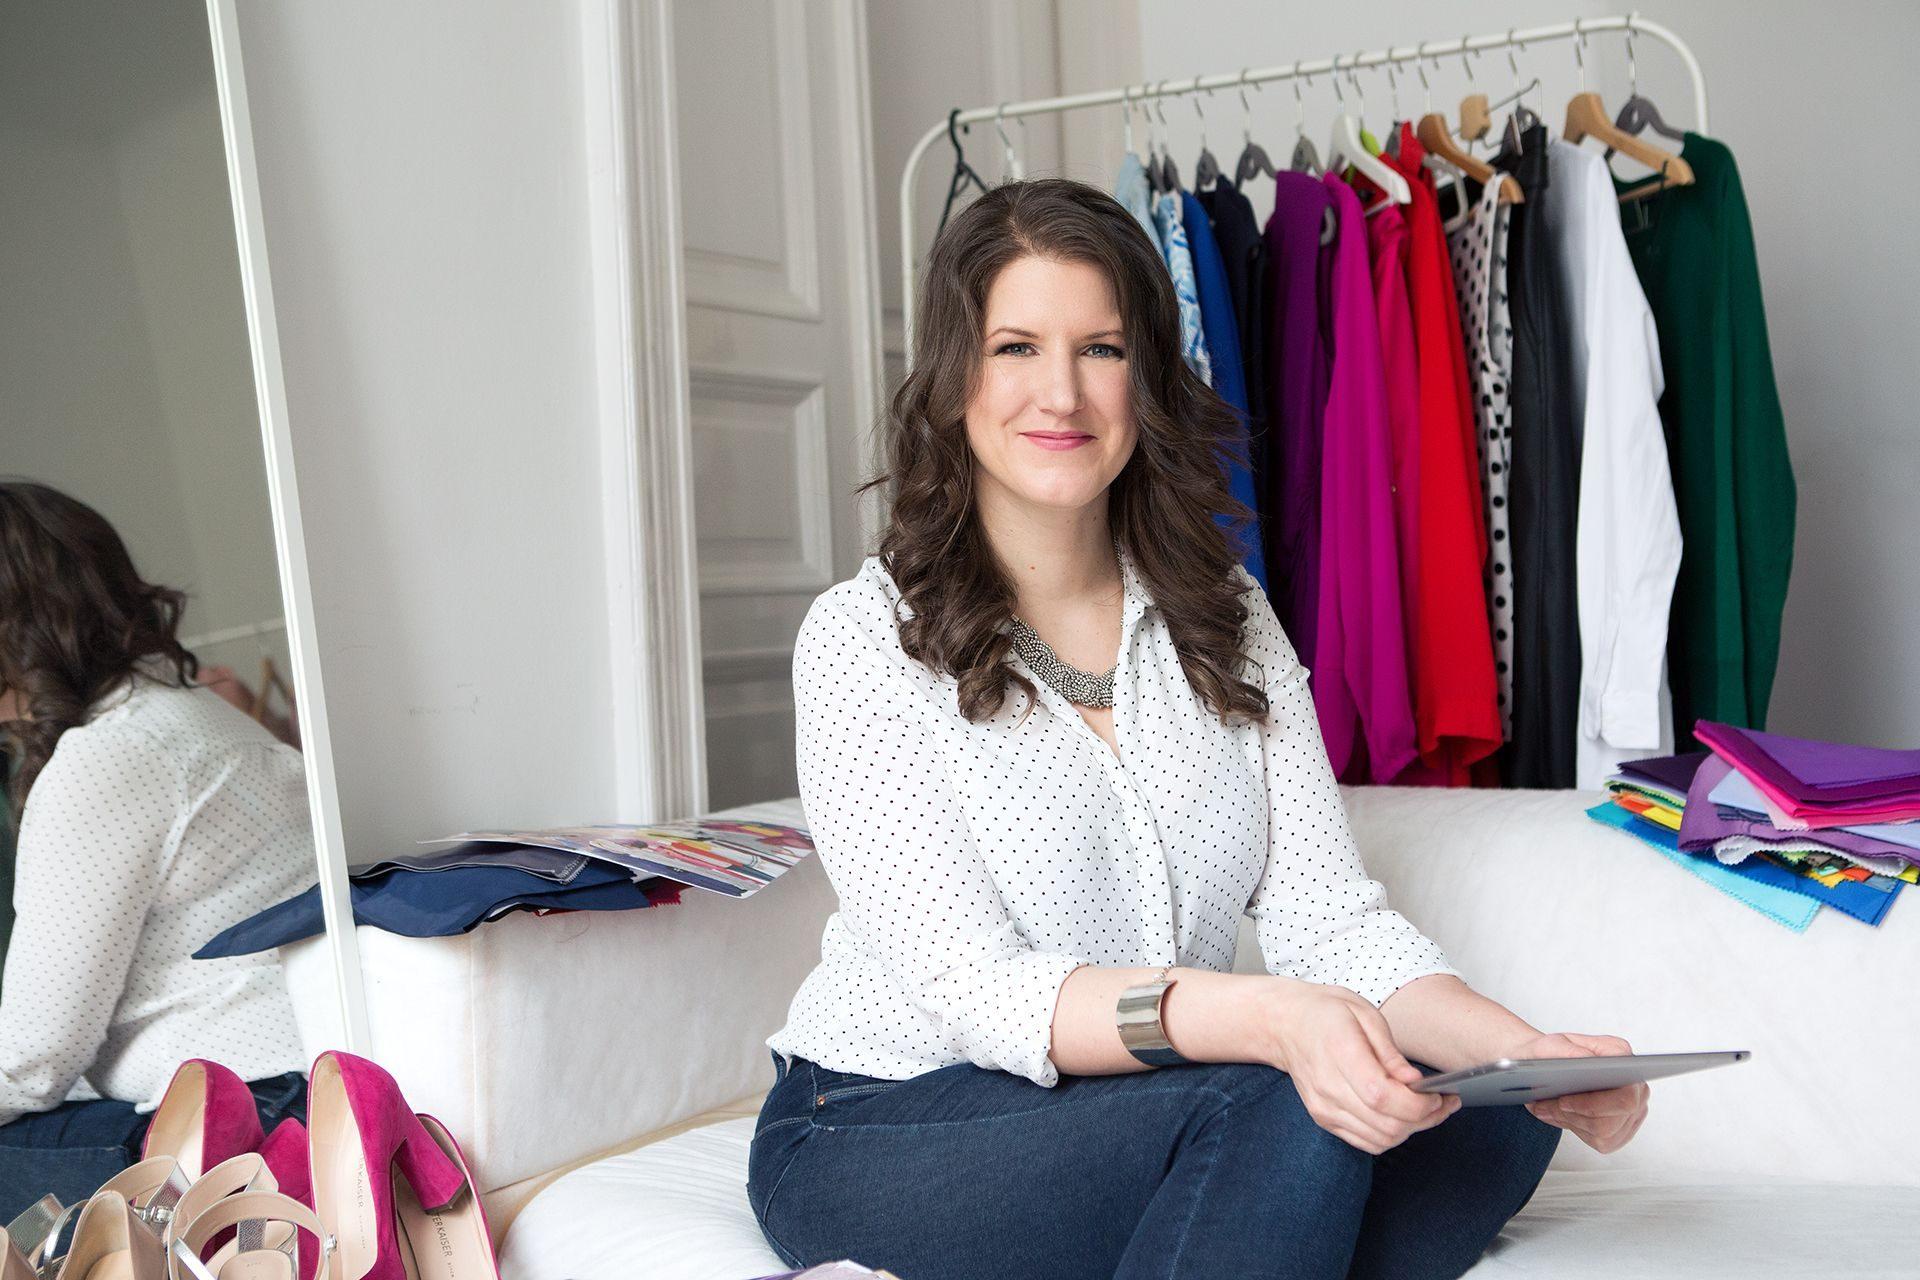 Interjú a személyi stylisttal-Tudatos nő